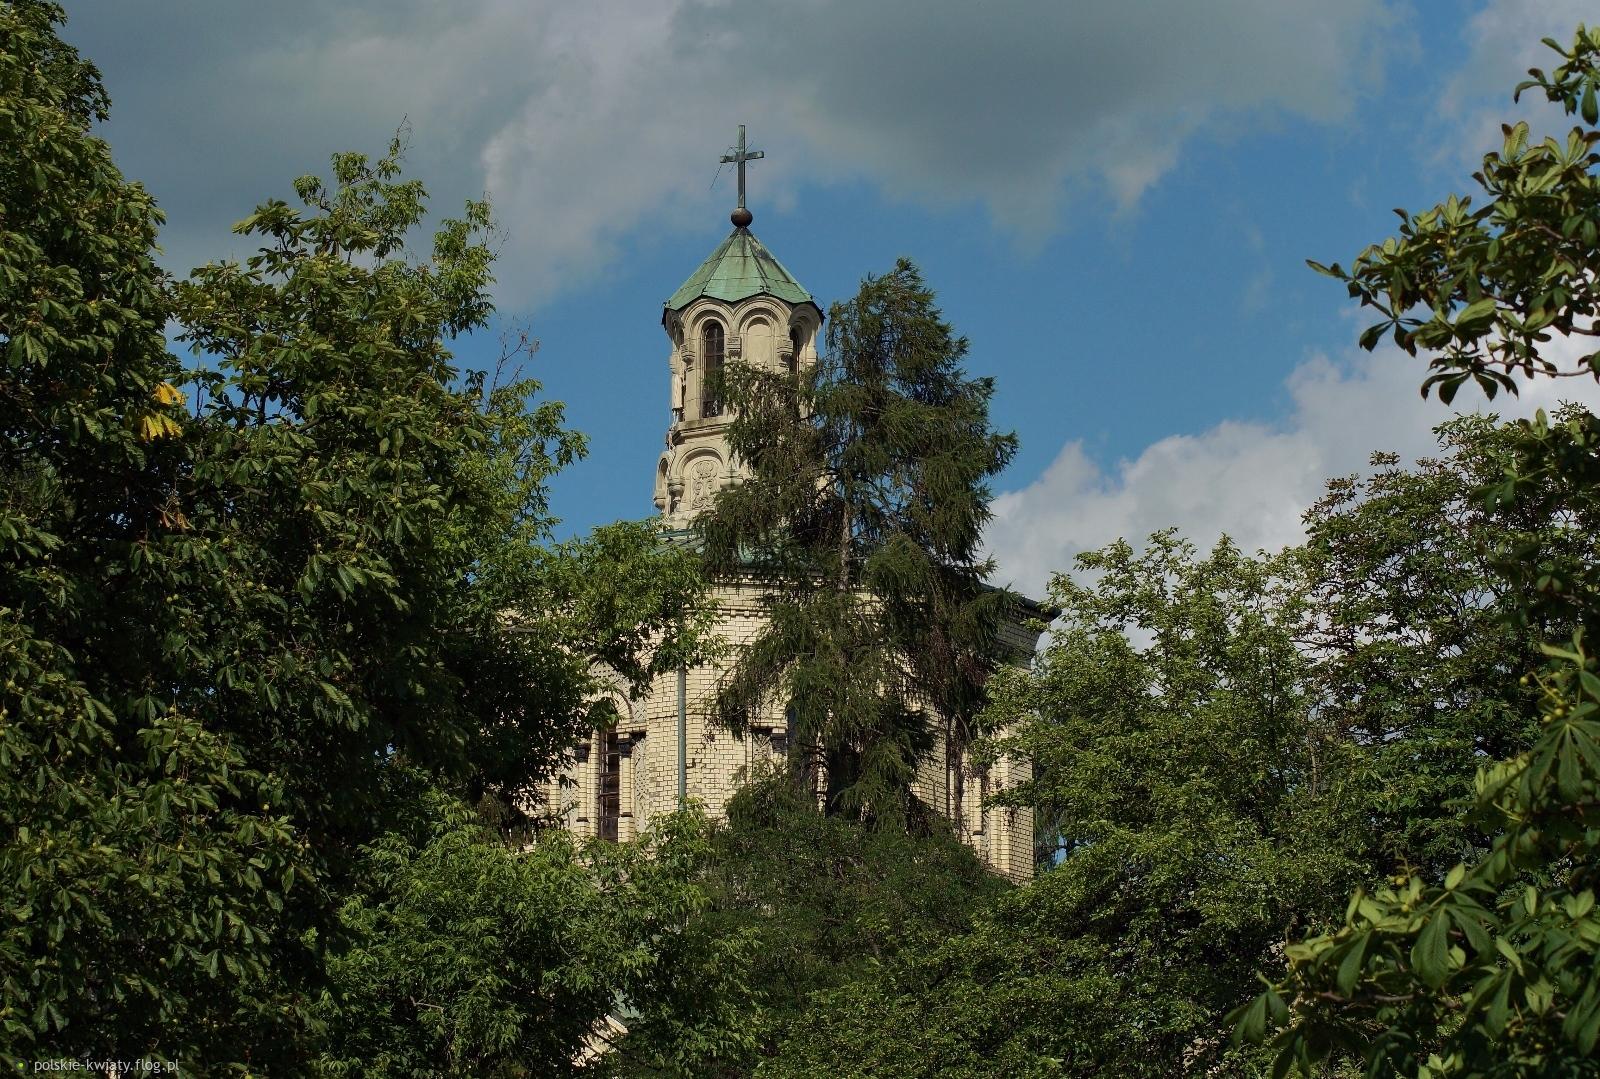 Parafia Katedralna Świętego Ducha Kościoła Polskokatolickiego przy ulicy Szwoleżerów w Warszawie.